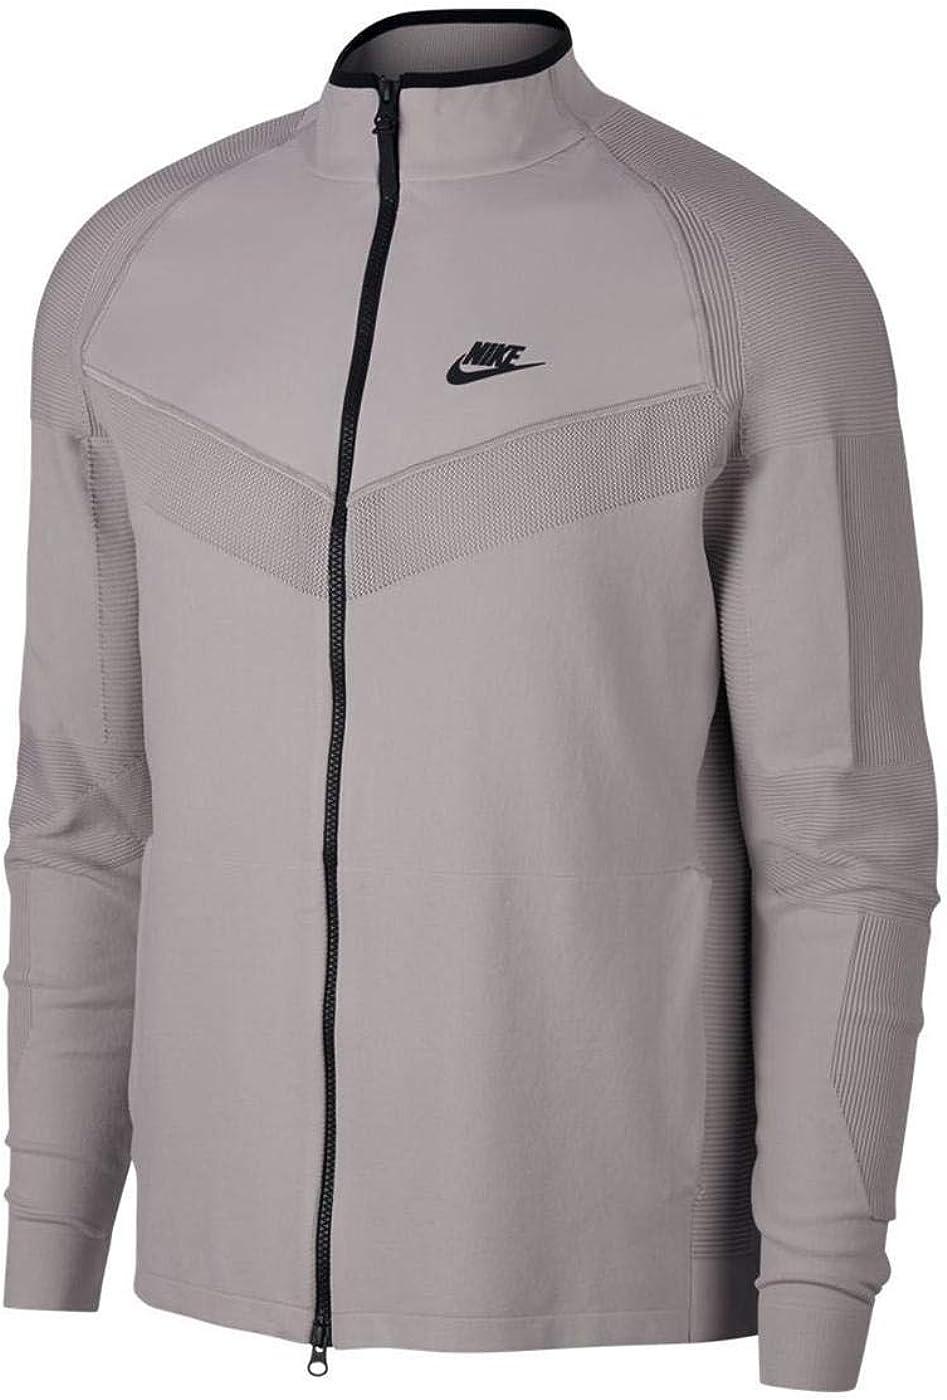 Nike Cazadora Sportswear Tech Knit Parti Rosa Hombre: Amazon.es: Ropa y accesorios